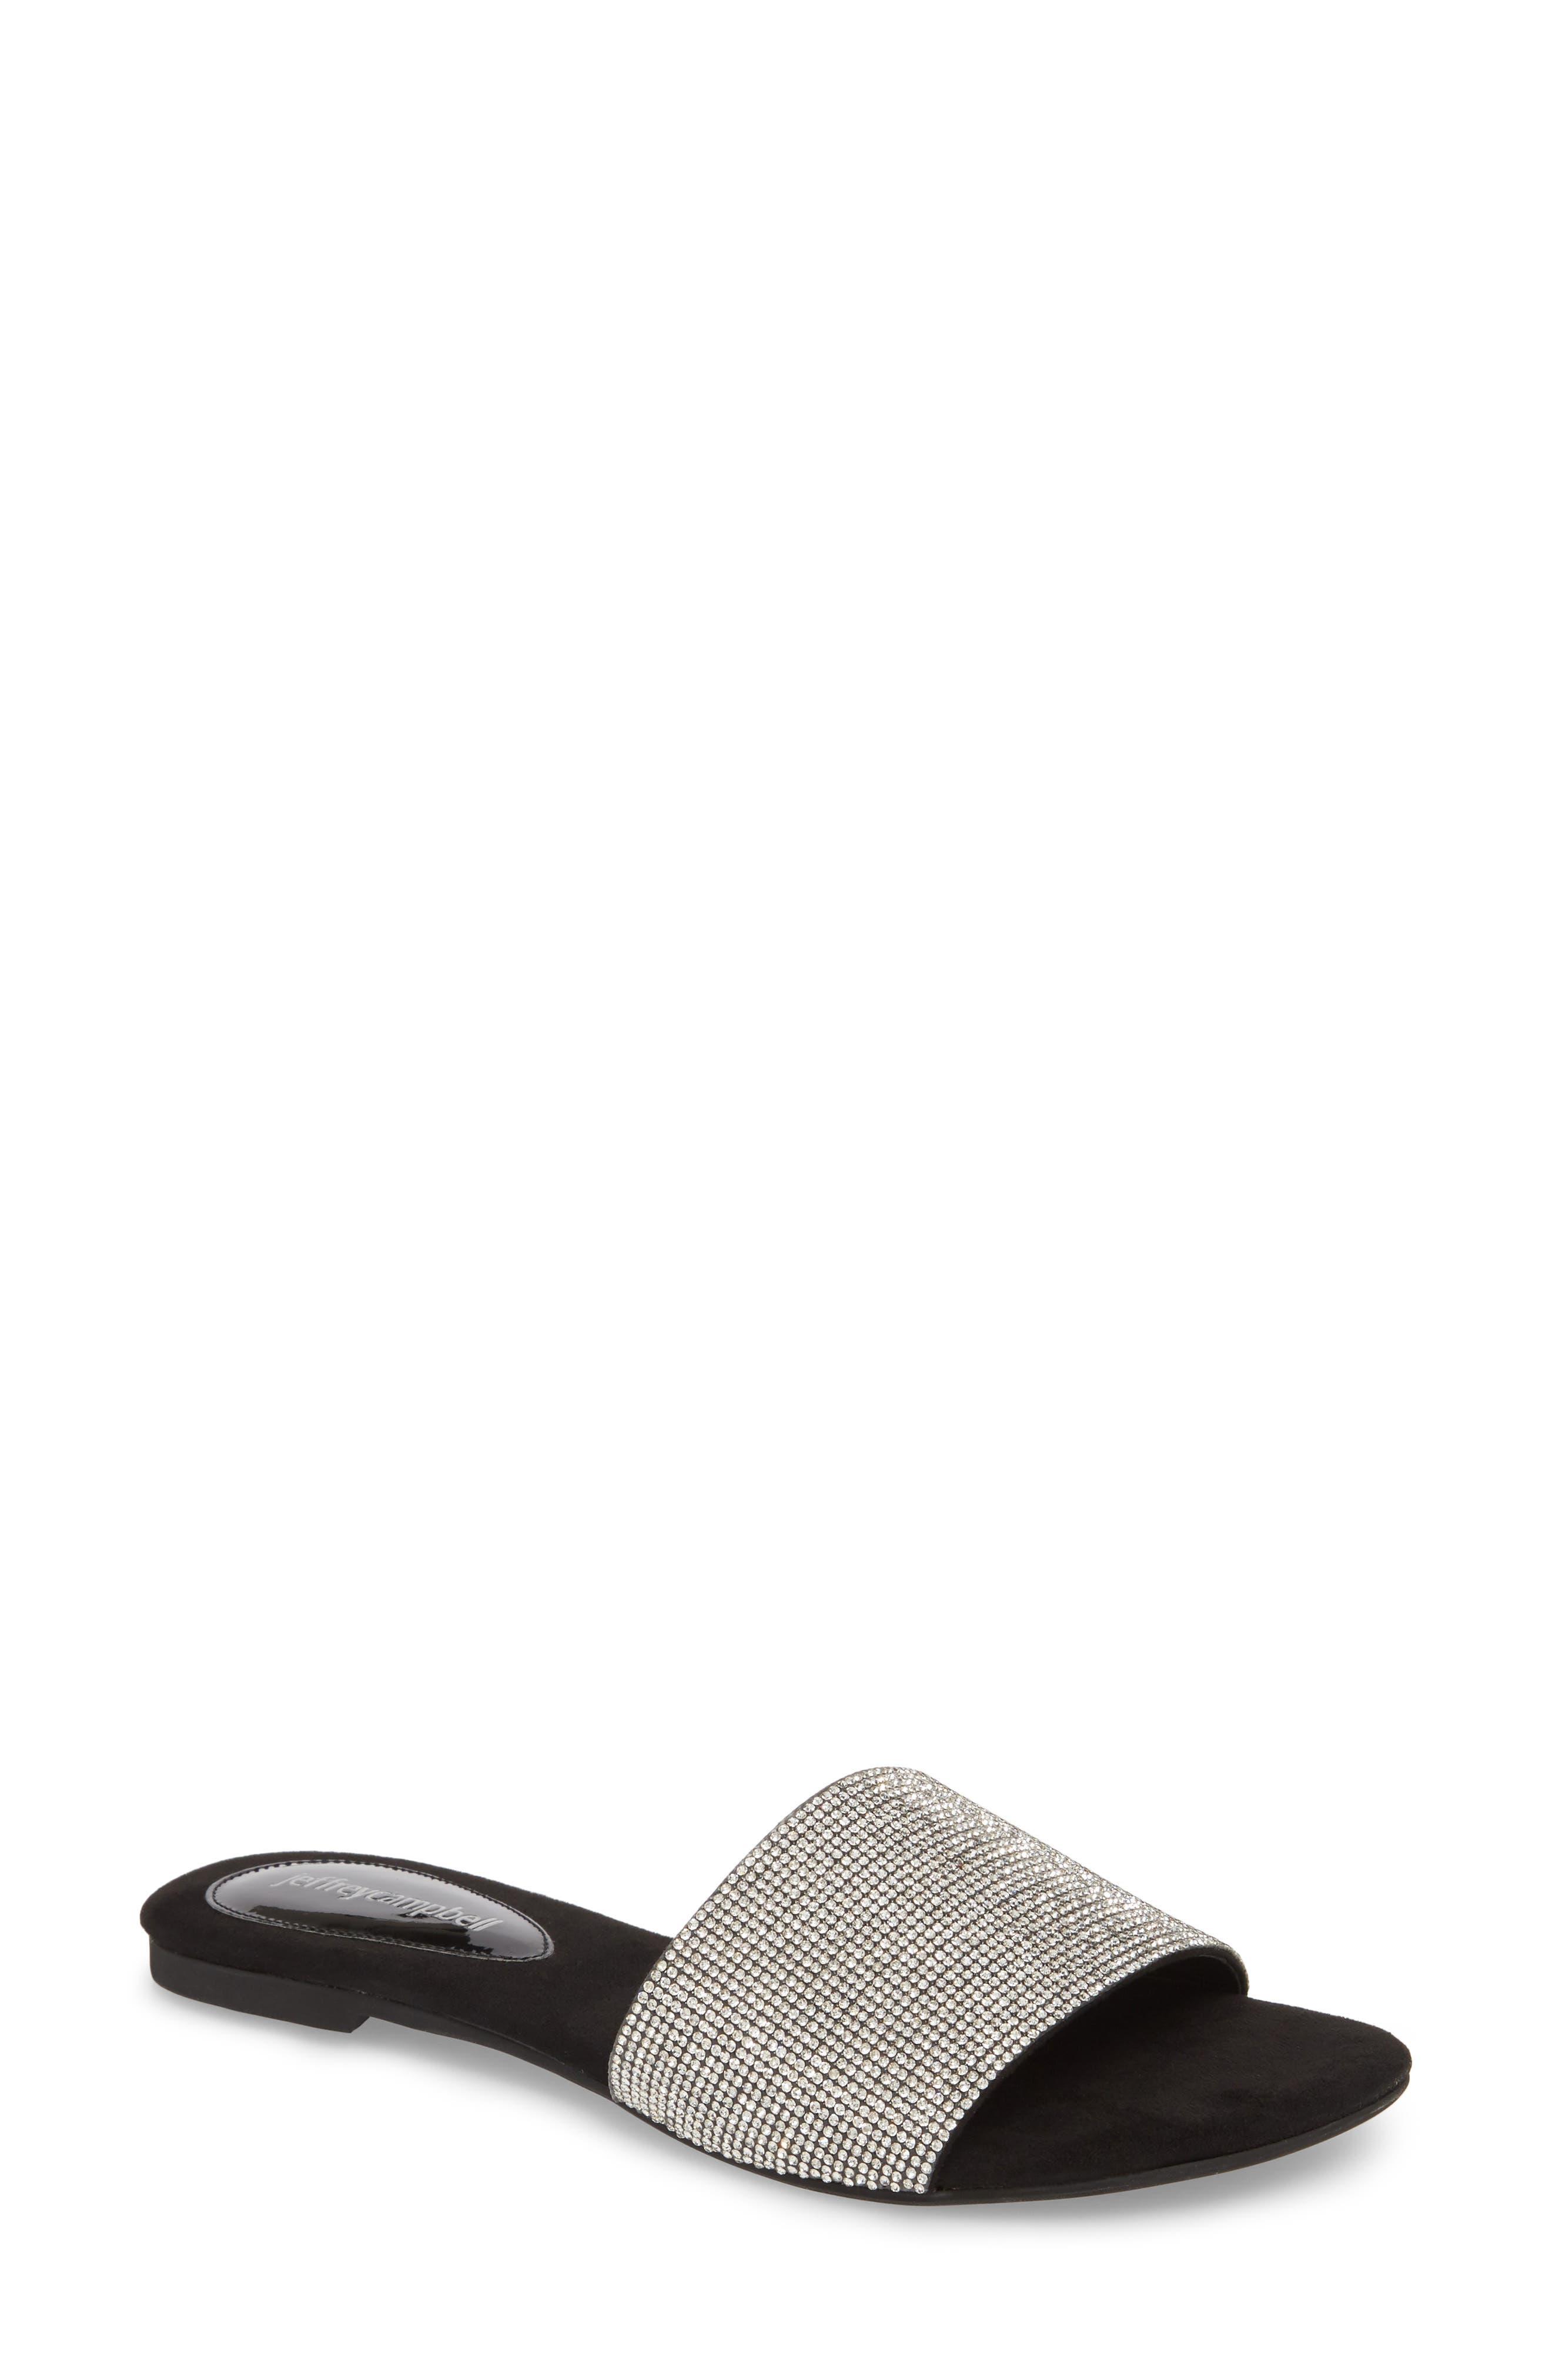 Sparque Embellished Slide Sandal,                             Main thumbnail 1, color,